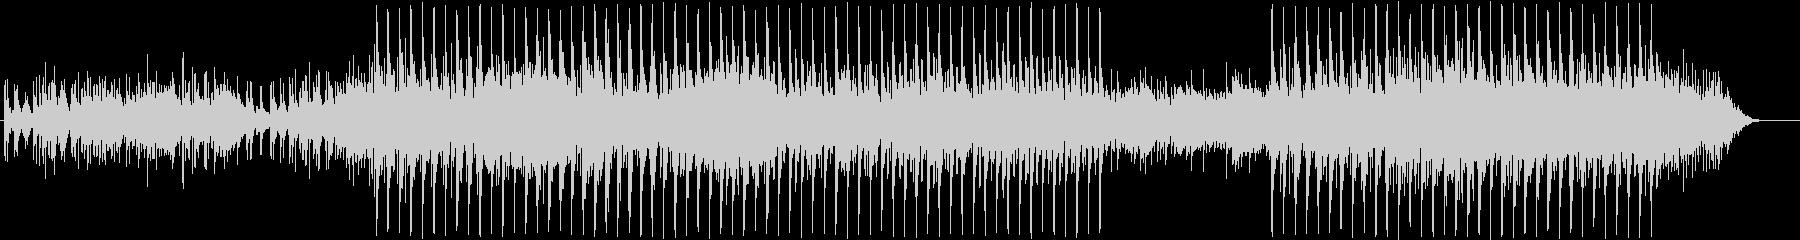 おしゃれ、ハイテクのリズム音楽の未再生の波形